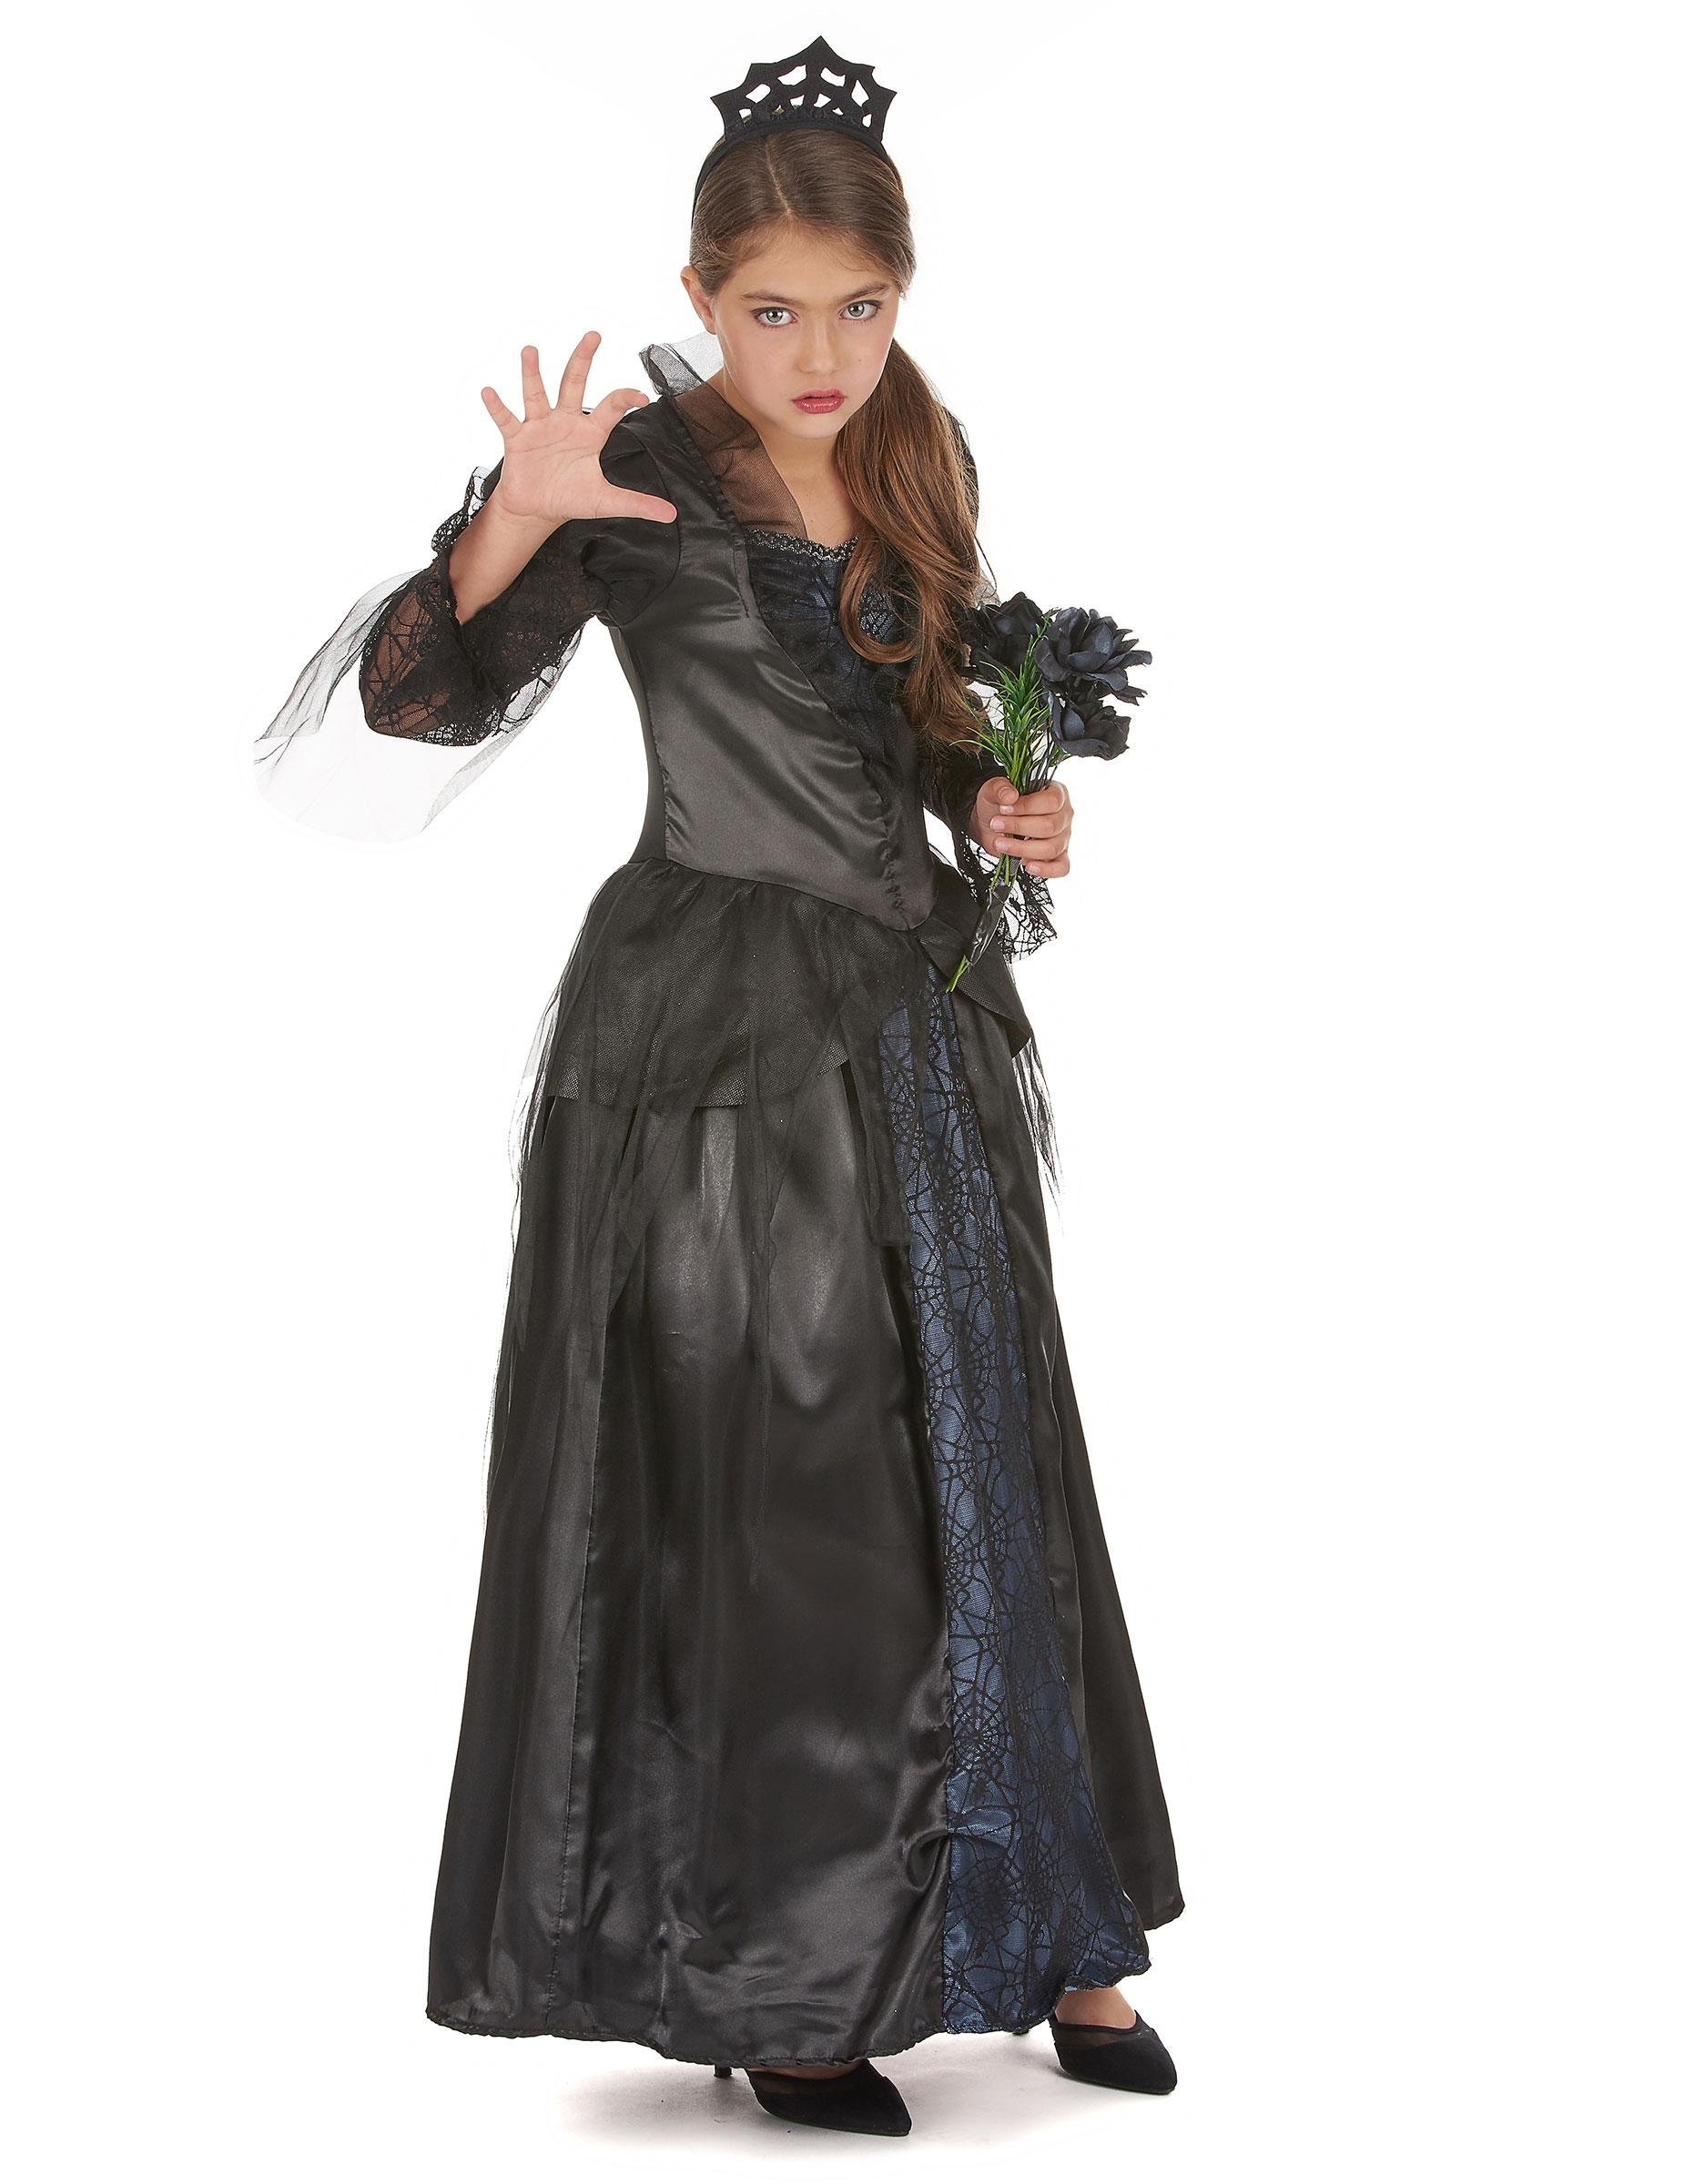 D guisement halloween fille 6 ans - Deguisetoi fr halloween ...